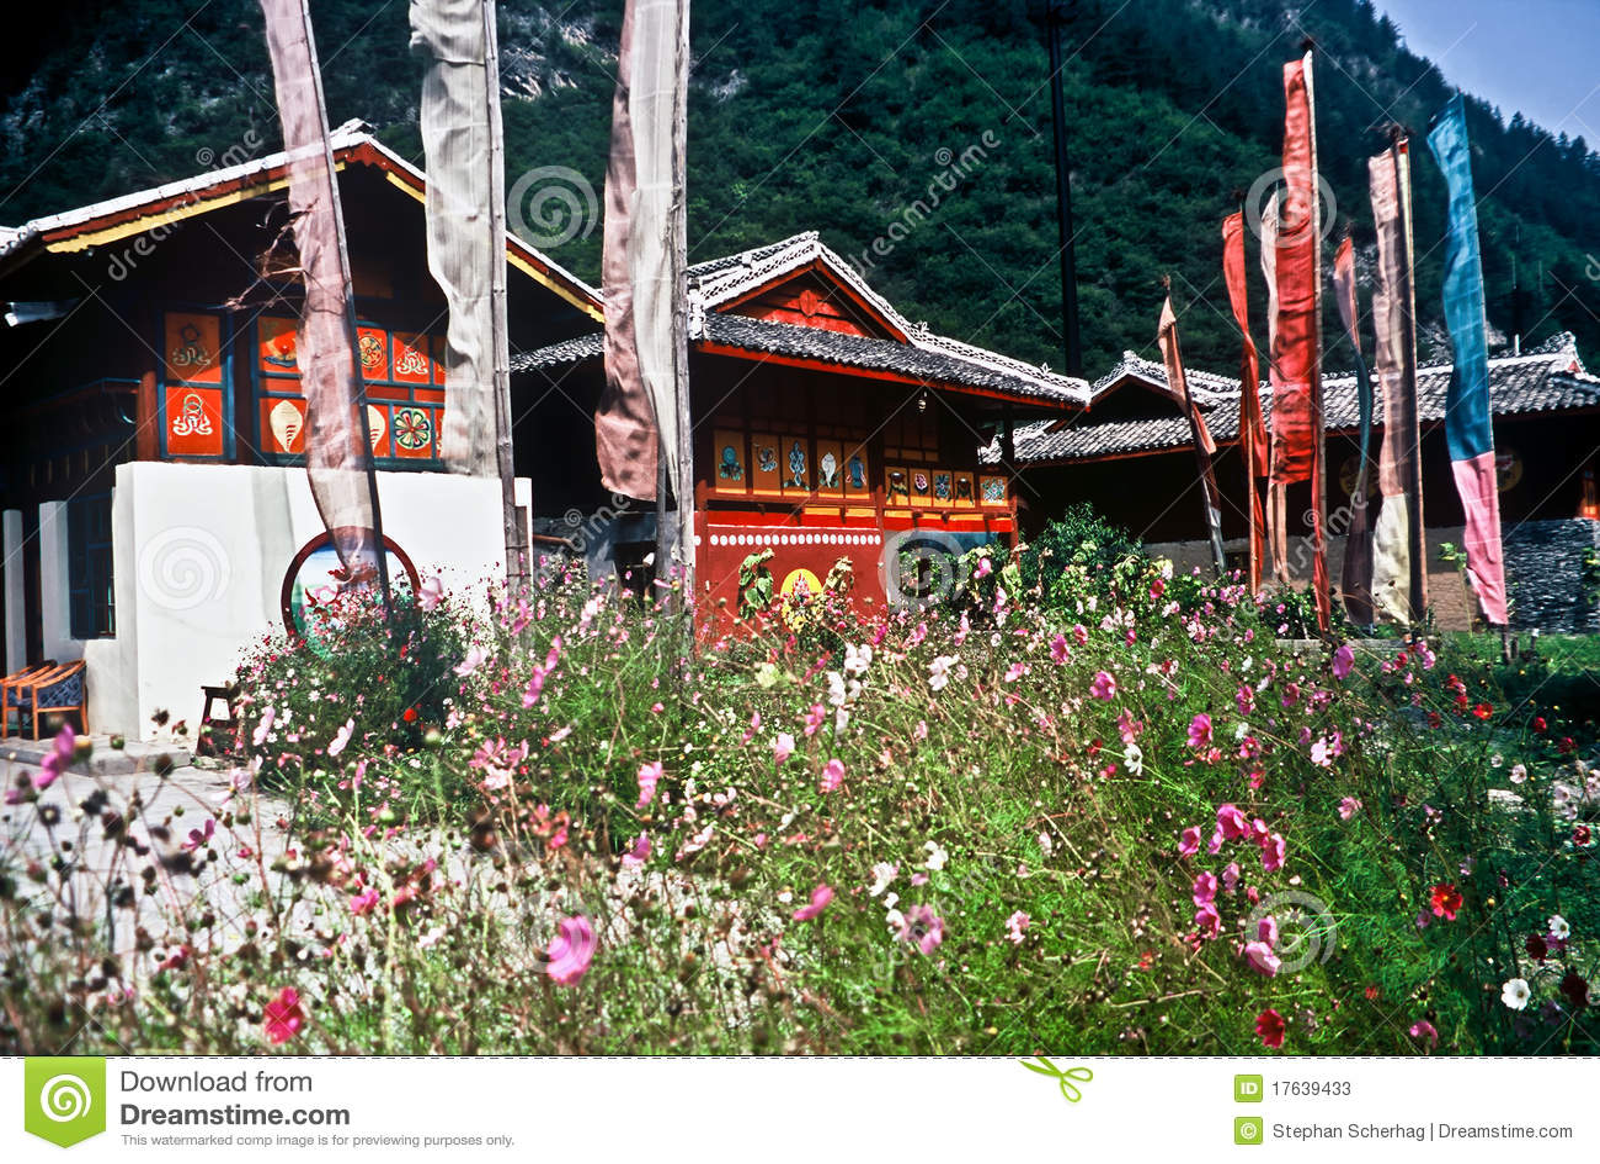 Case Tradizionali Cinesi : Case tradizionali cina immagine stock immagine di architettura